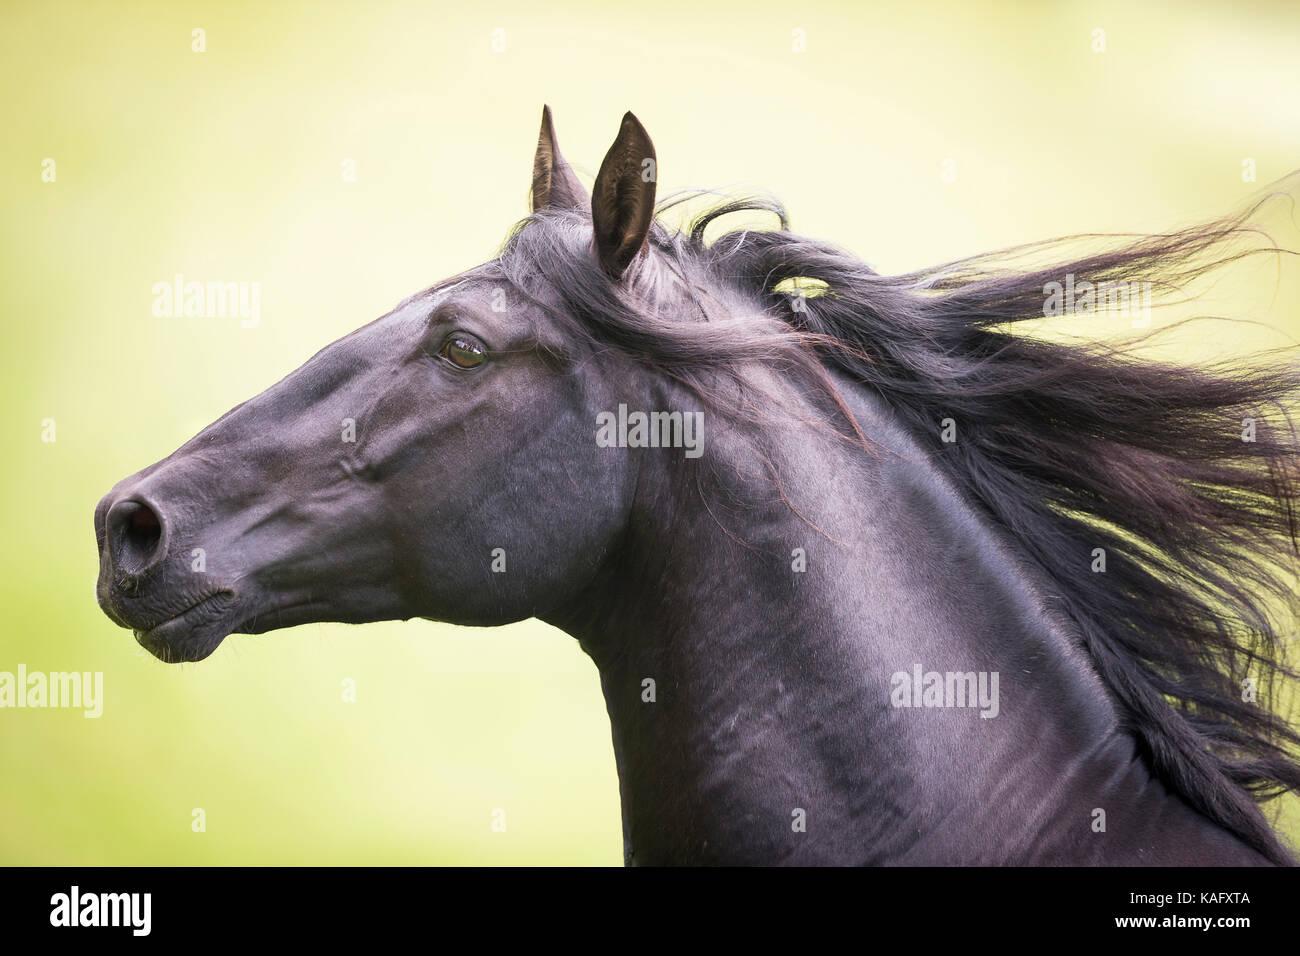 Puro Caballo Español, andaluz. Semental negro galopando en una pastura, retrato. Austria Imagen De Stock